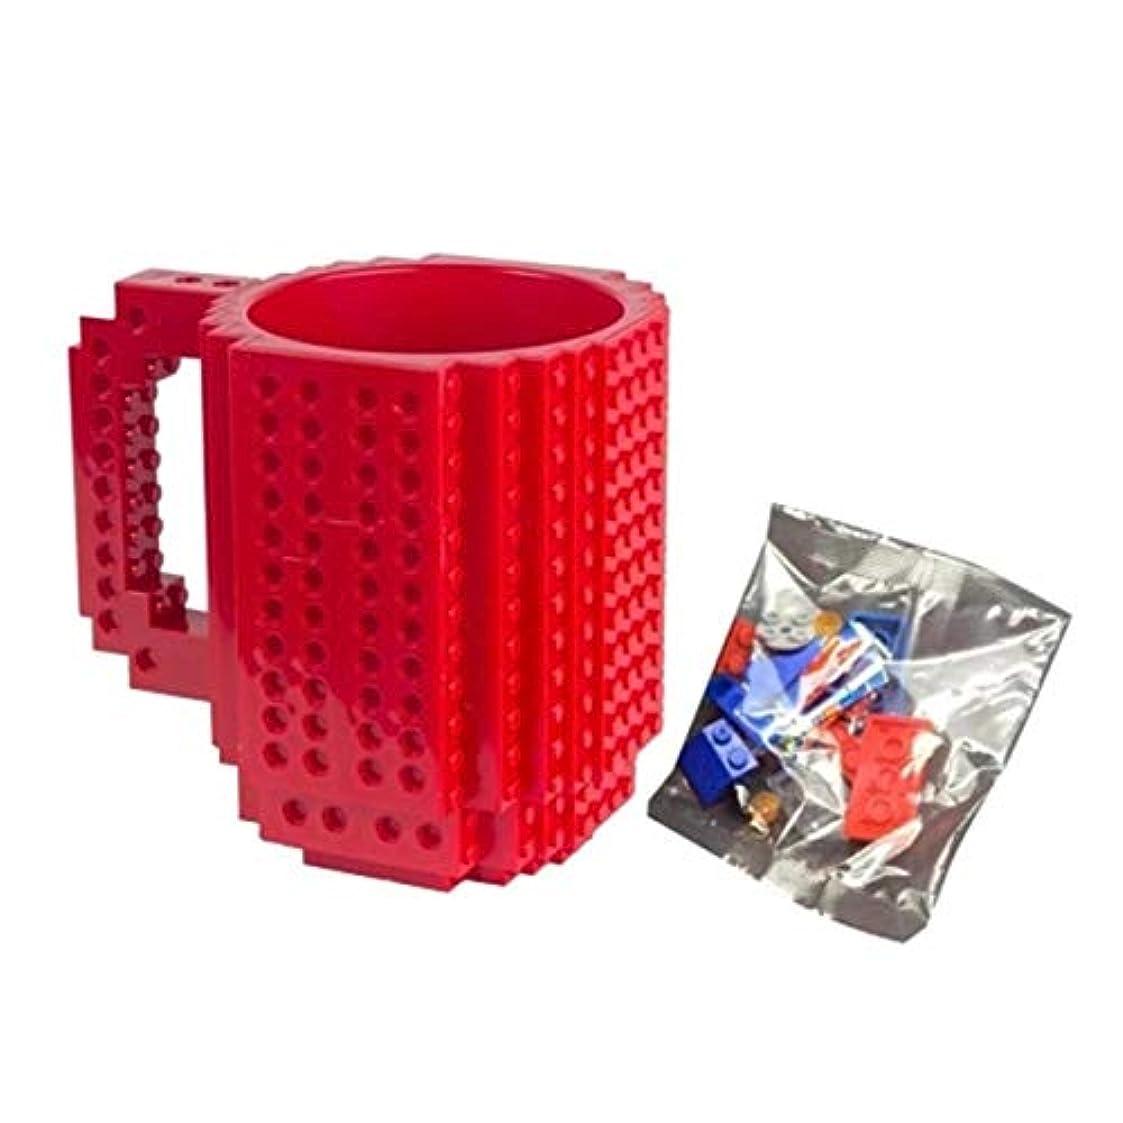 サーキュレーションゆでるトランクライブラリSaikogoods レンガマグカップDIY?ビルディング?ブロックのコーヒーカップを構築 赤